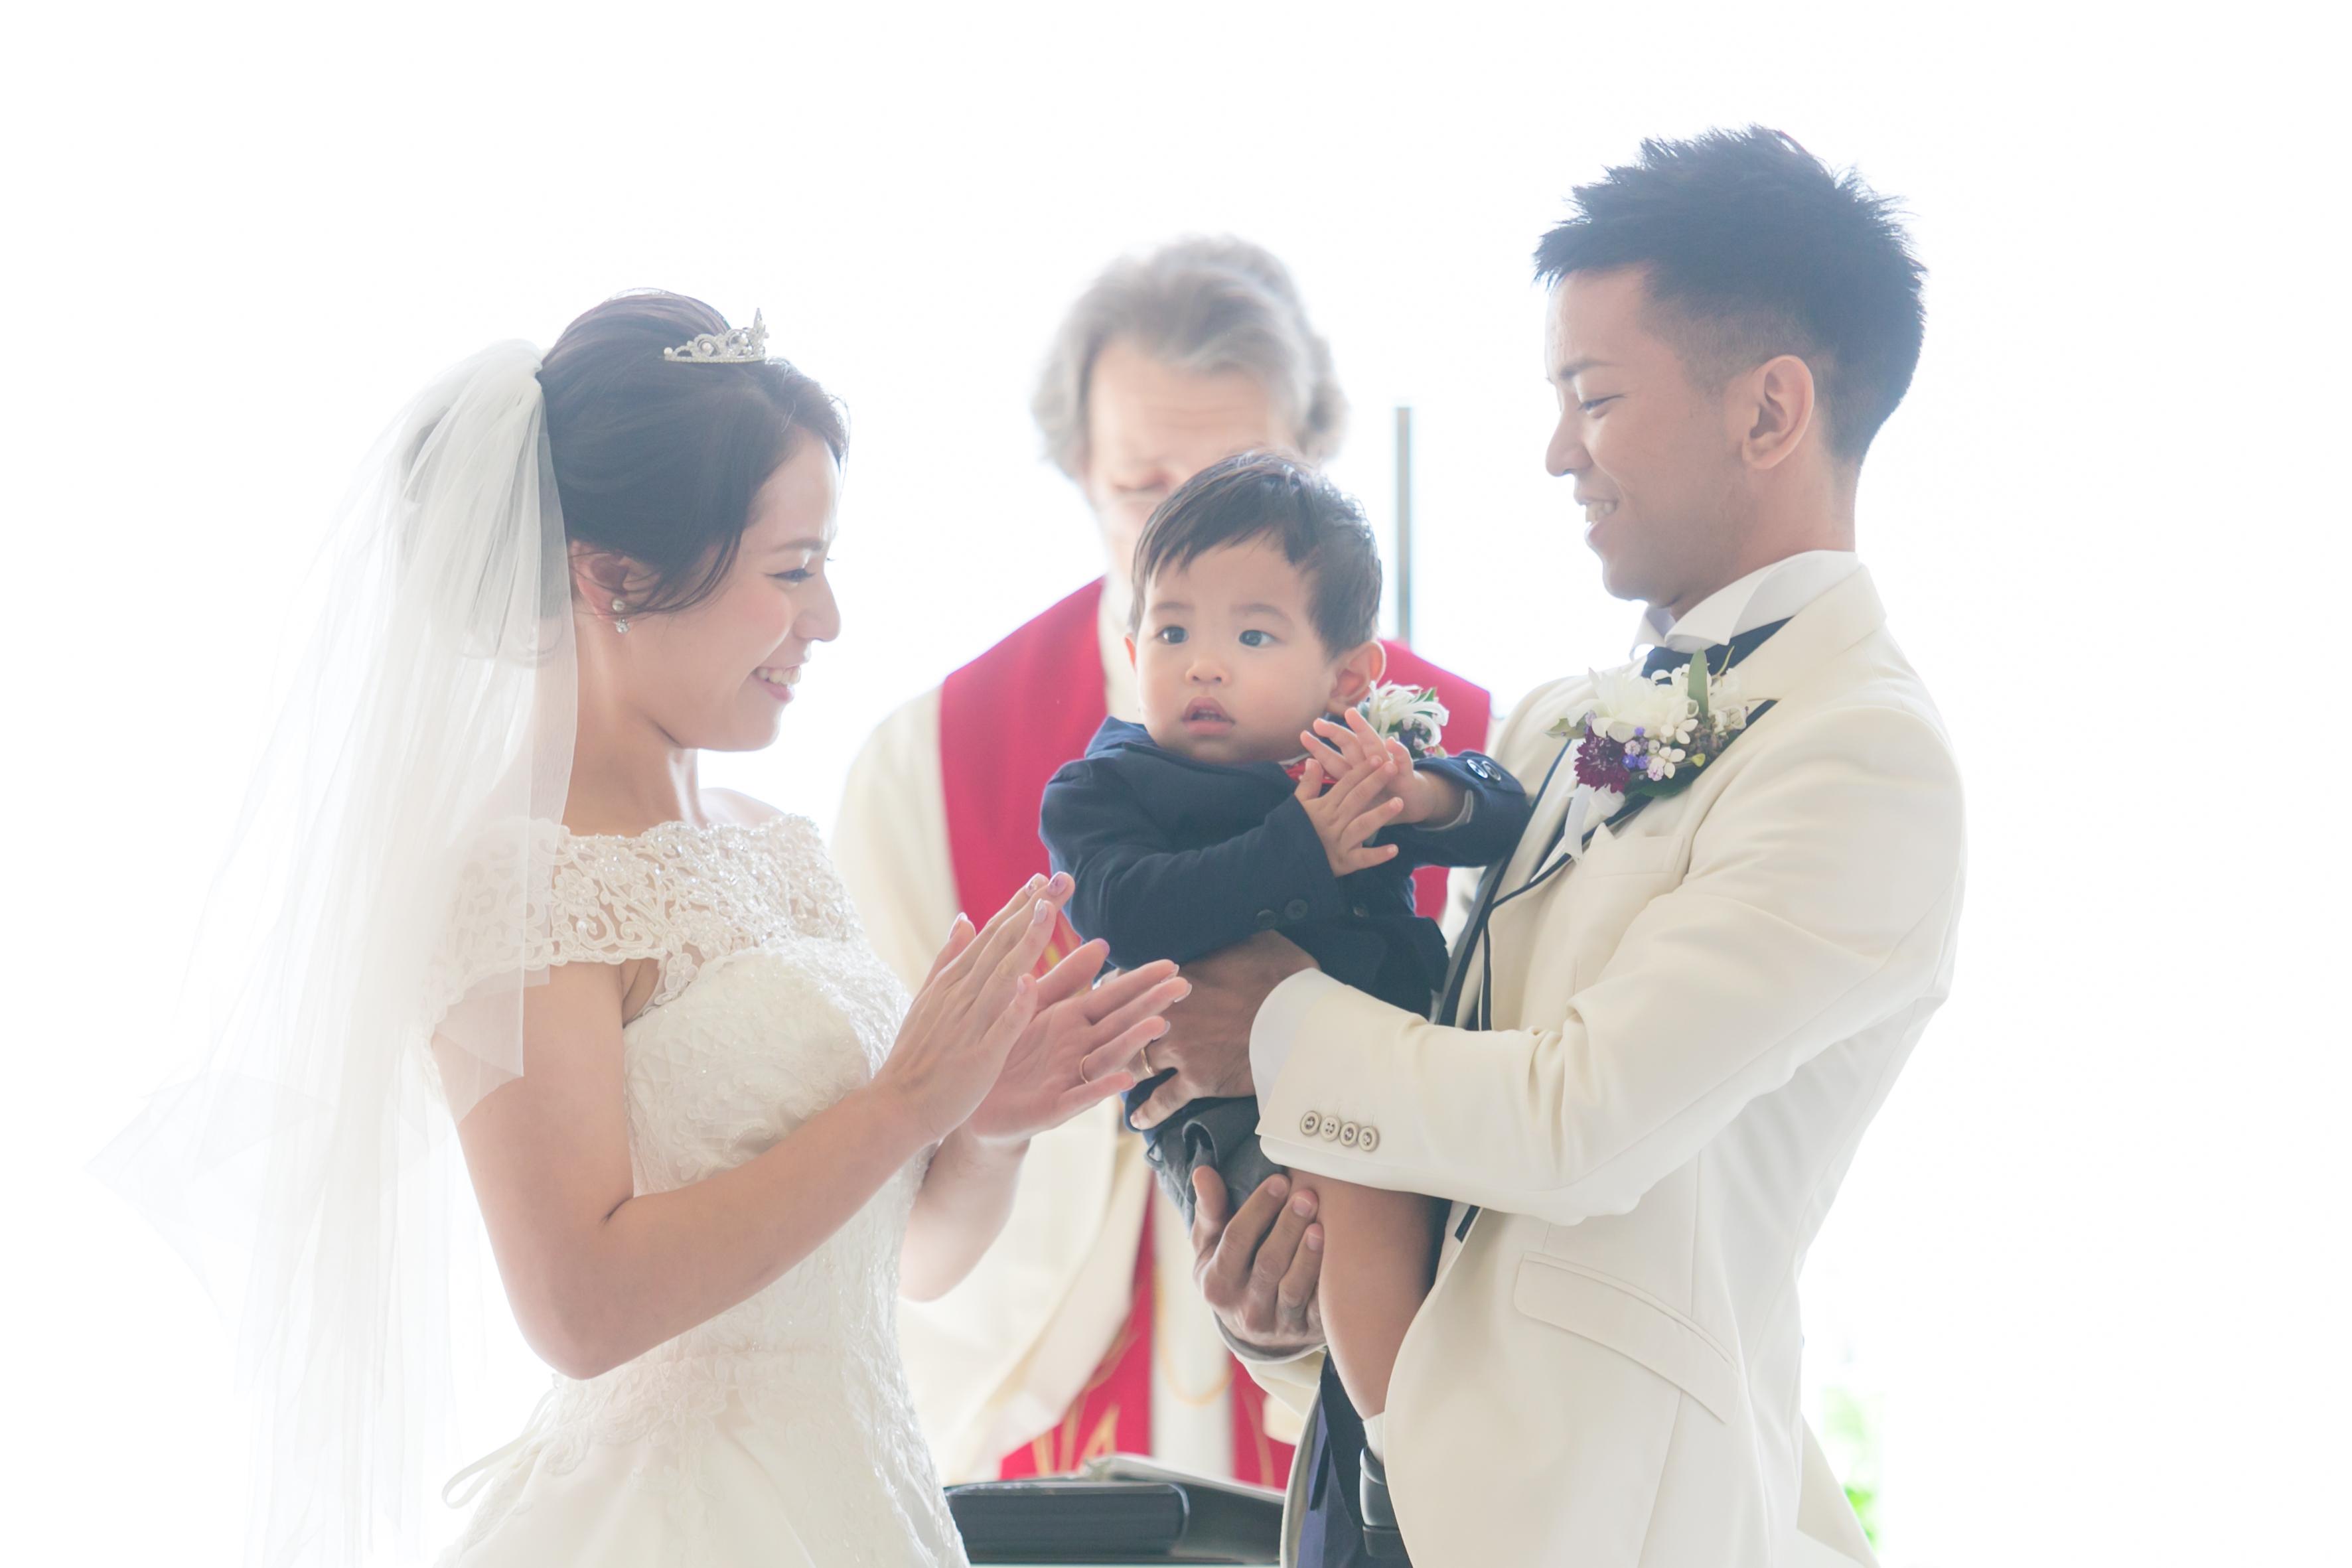 ◆平日限定!【パパママ婚】嬉しい特典あり♪ゆったり相談会&無料試食フェア